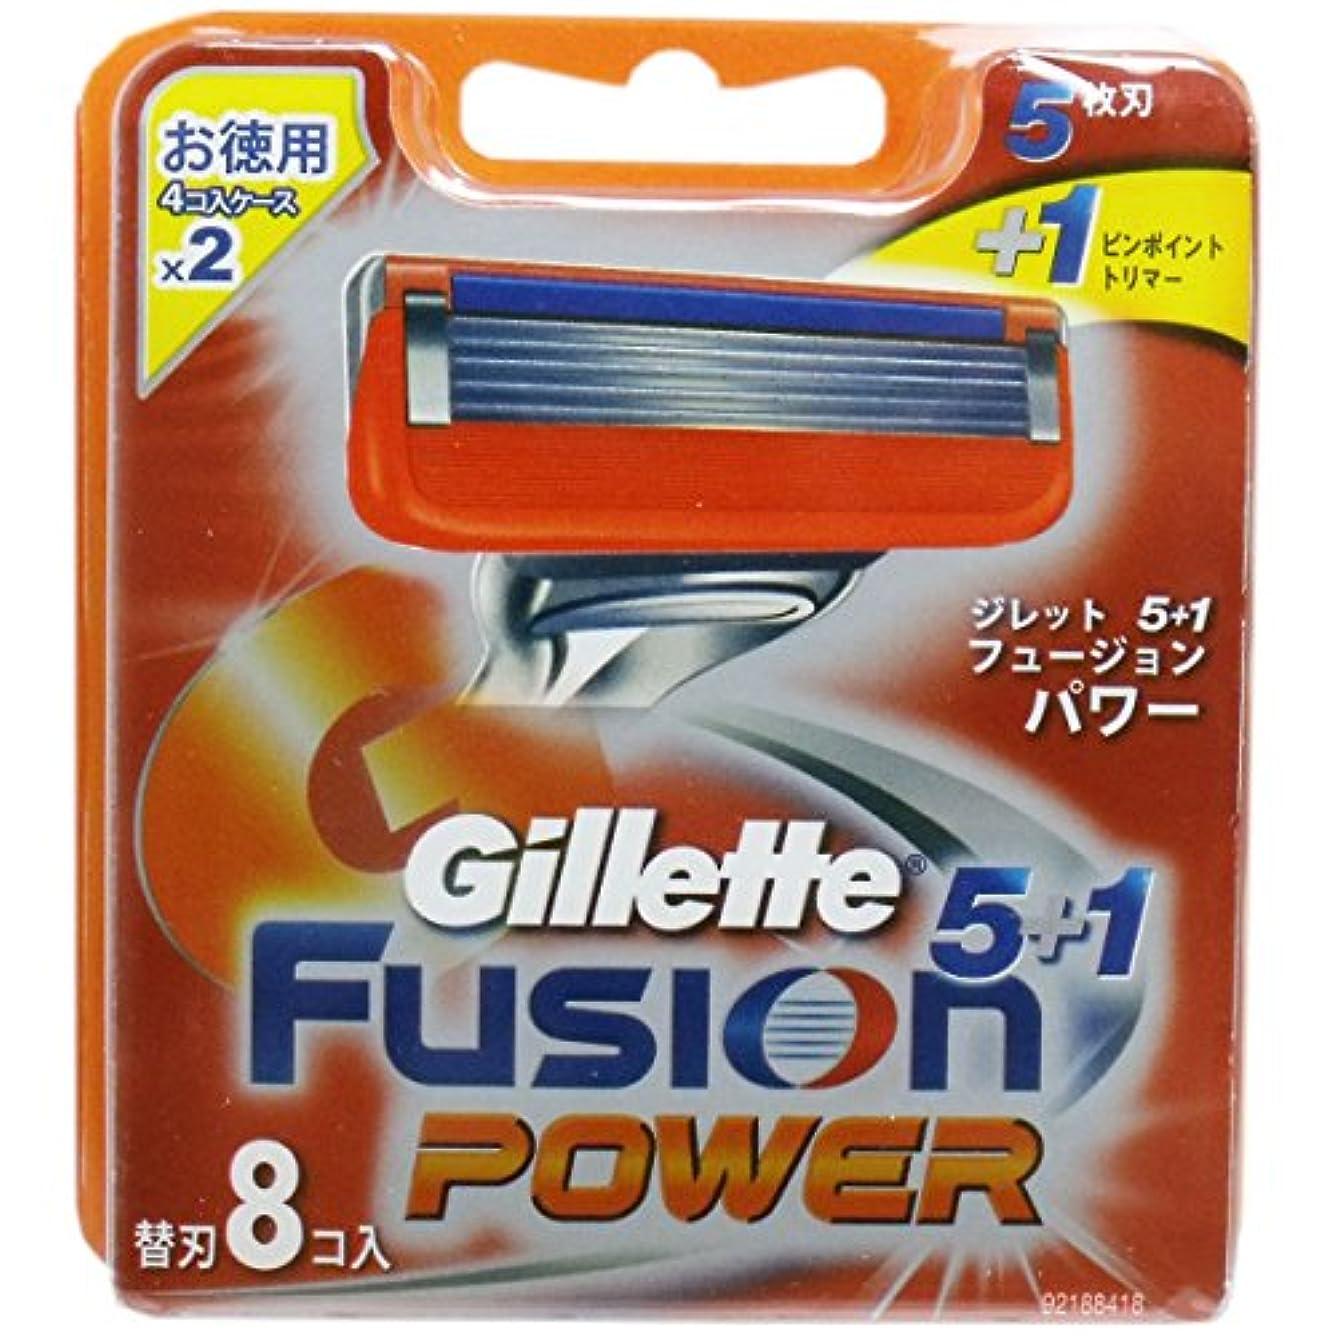 固有の残りキャンペーンジレット フュージョン5+1 パワー 替刃8個入(単品)